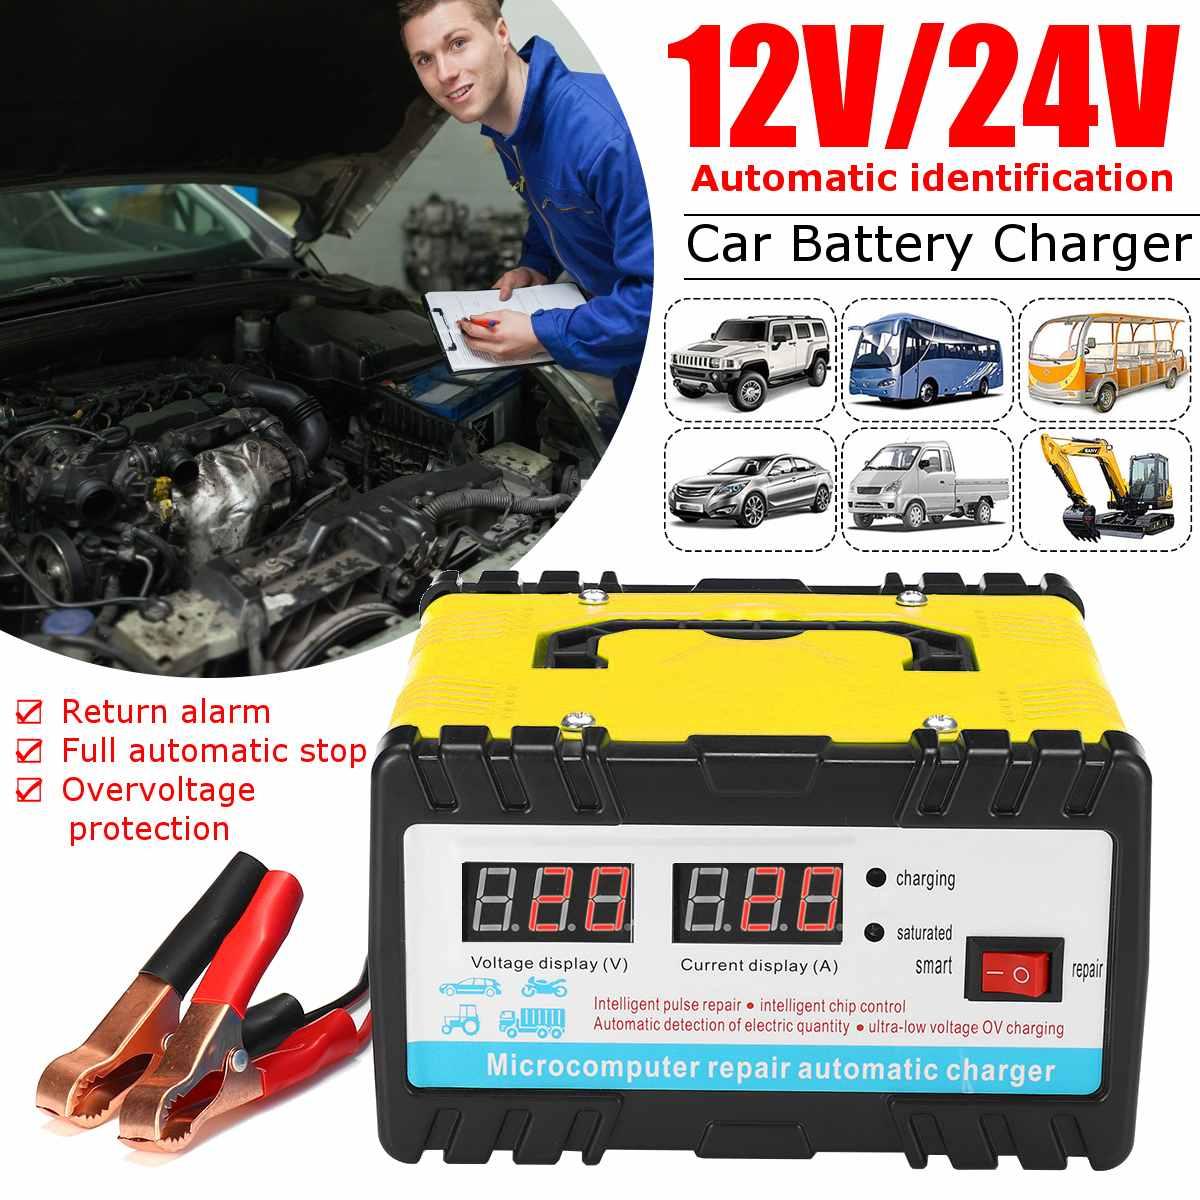 شاحن بطارية تخزين السيارة ، شاشة LCD أوتوماتيكية ، 12 فولت/24 فولت ، إصلاح نبضة ذكية 110/220 فولت ، لبطارية ليثيوم حمض الرصاص 6AH-400AH